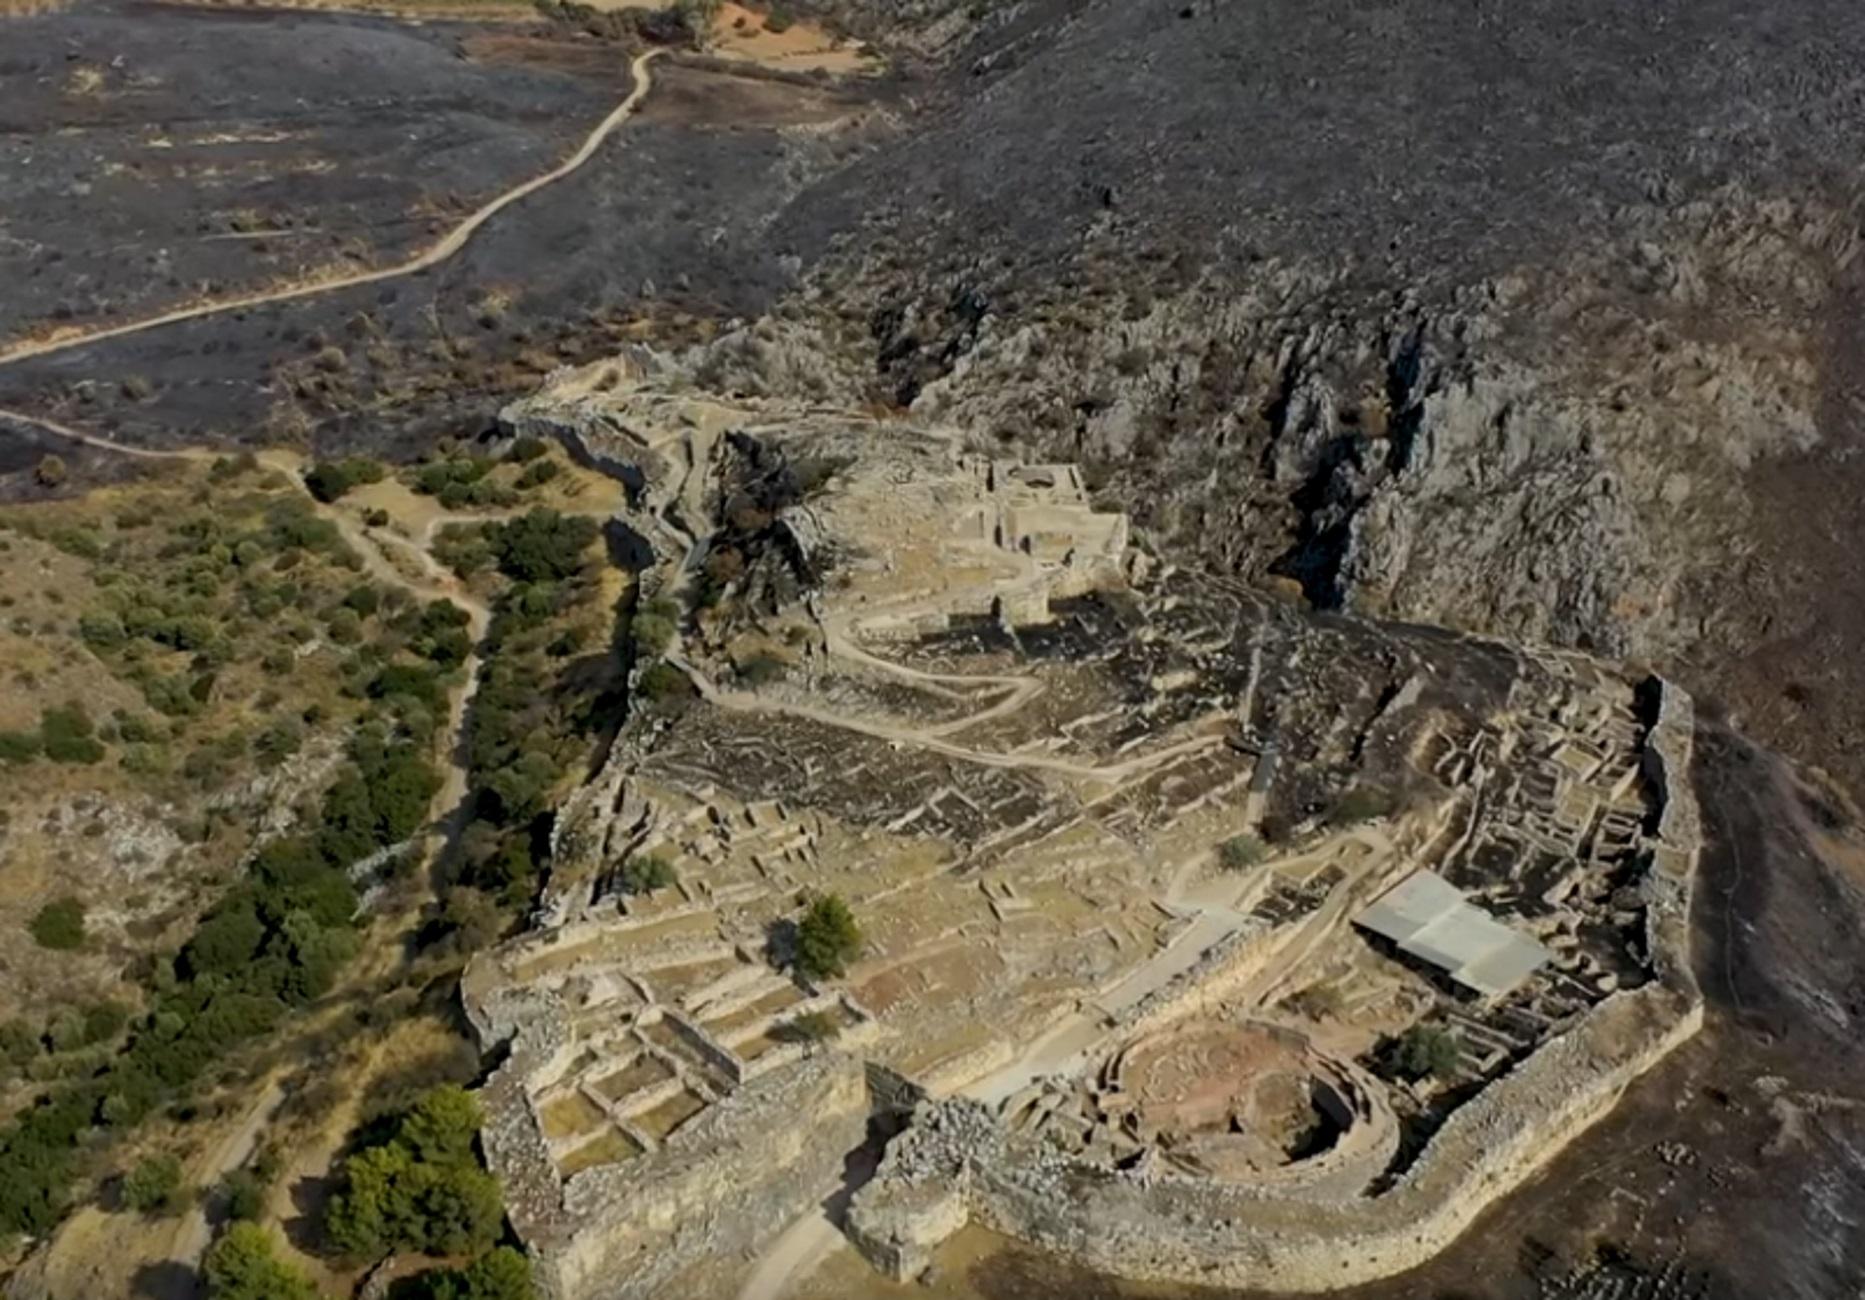 Μυκήνες: Το βασίλειο των λεόντων πριν και μετά τη φωτιά! Ξεσπάει διάσημος φιλέλληνας αρχαιολόγος (Βίντεο)